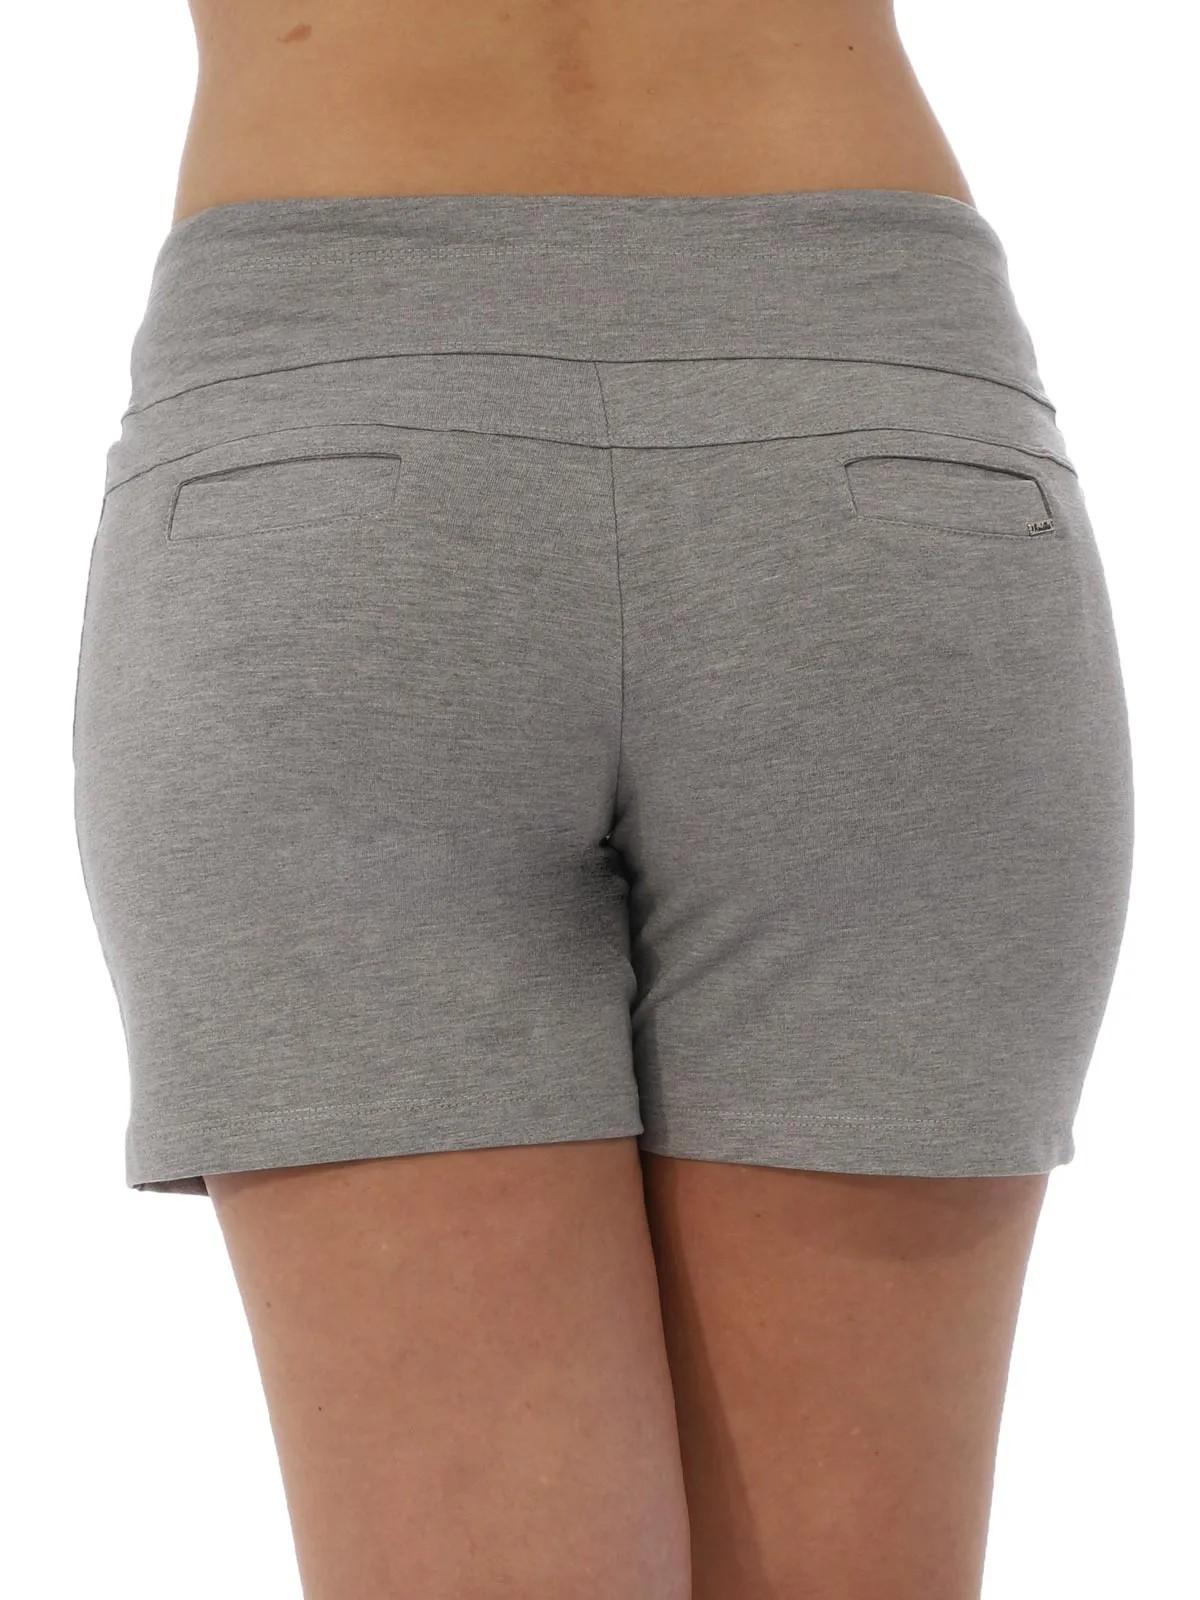 Shorts Feminino Moletinho Liso Com Lycra Confortável Mescla Claro